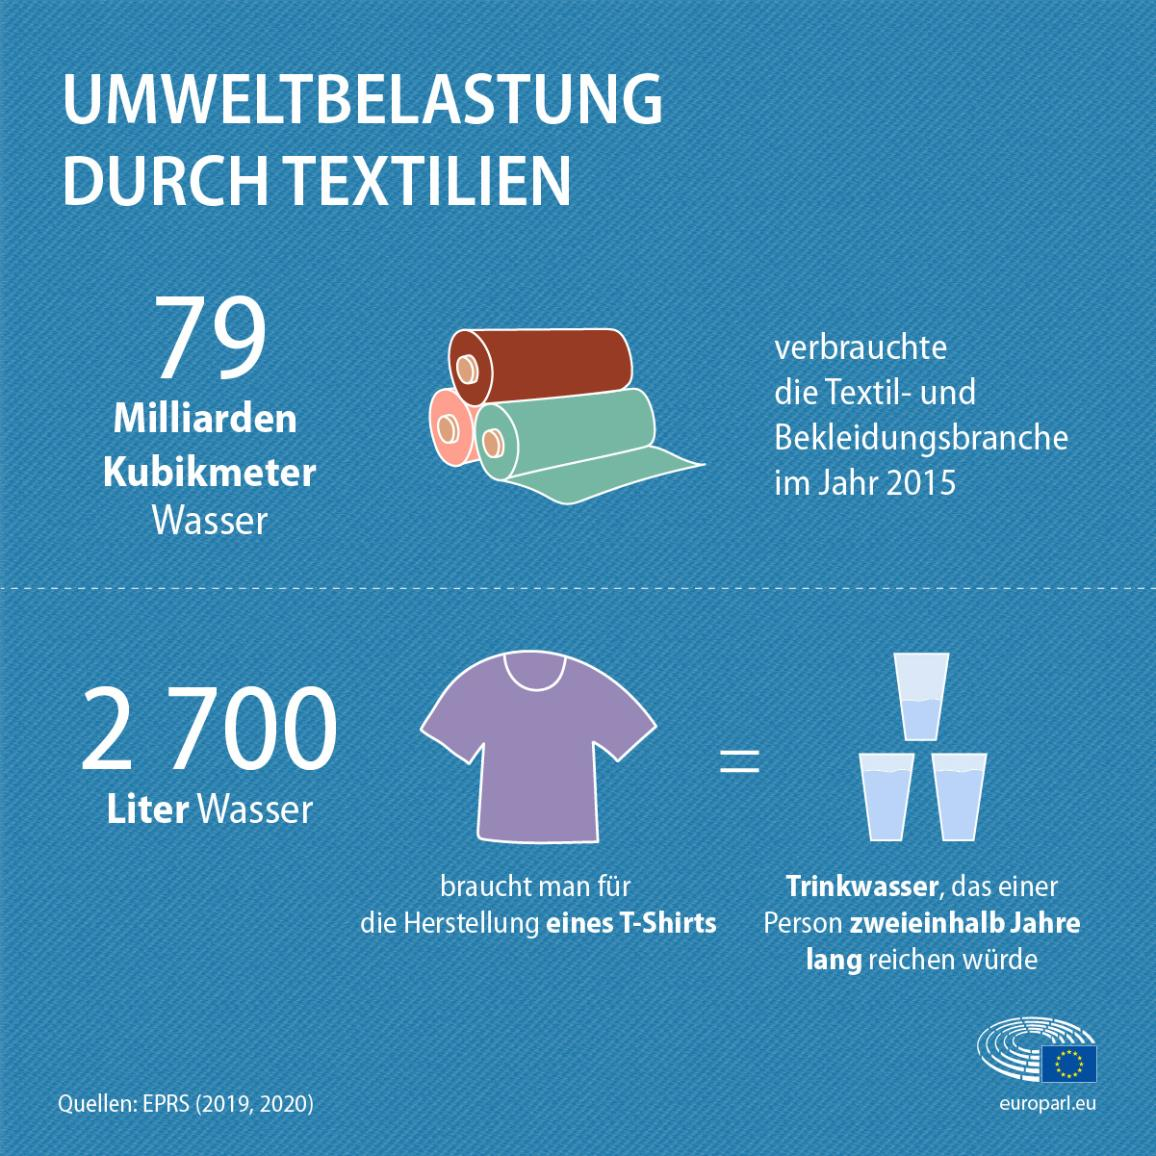 Wie viel Wasser bei der Textilproduktion verbraucht wird: 2700 Liter Wasser braucht man für die Herstellung eines T-Shirts